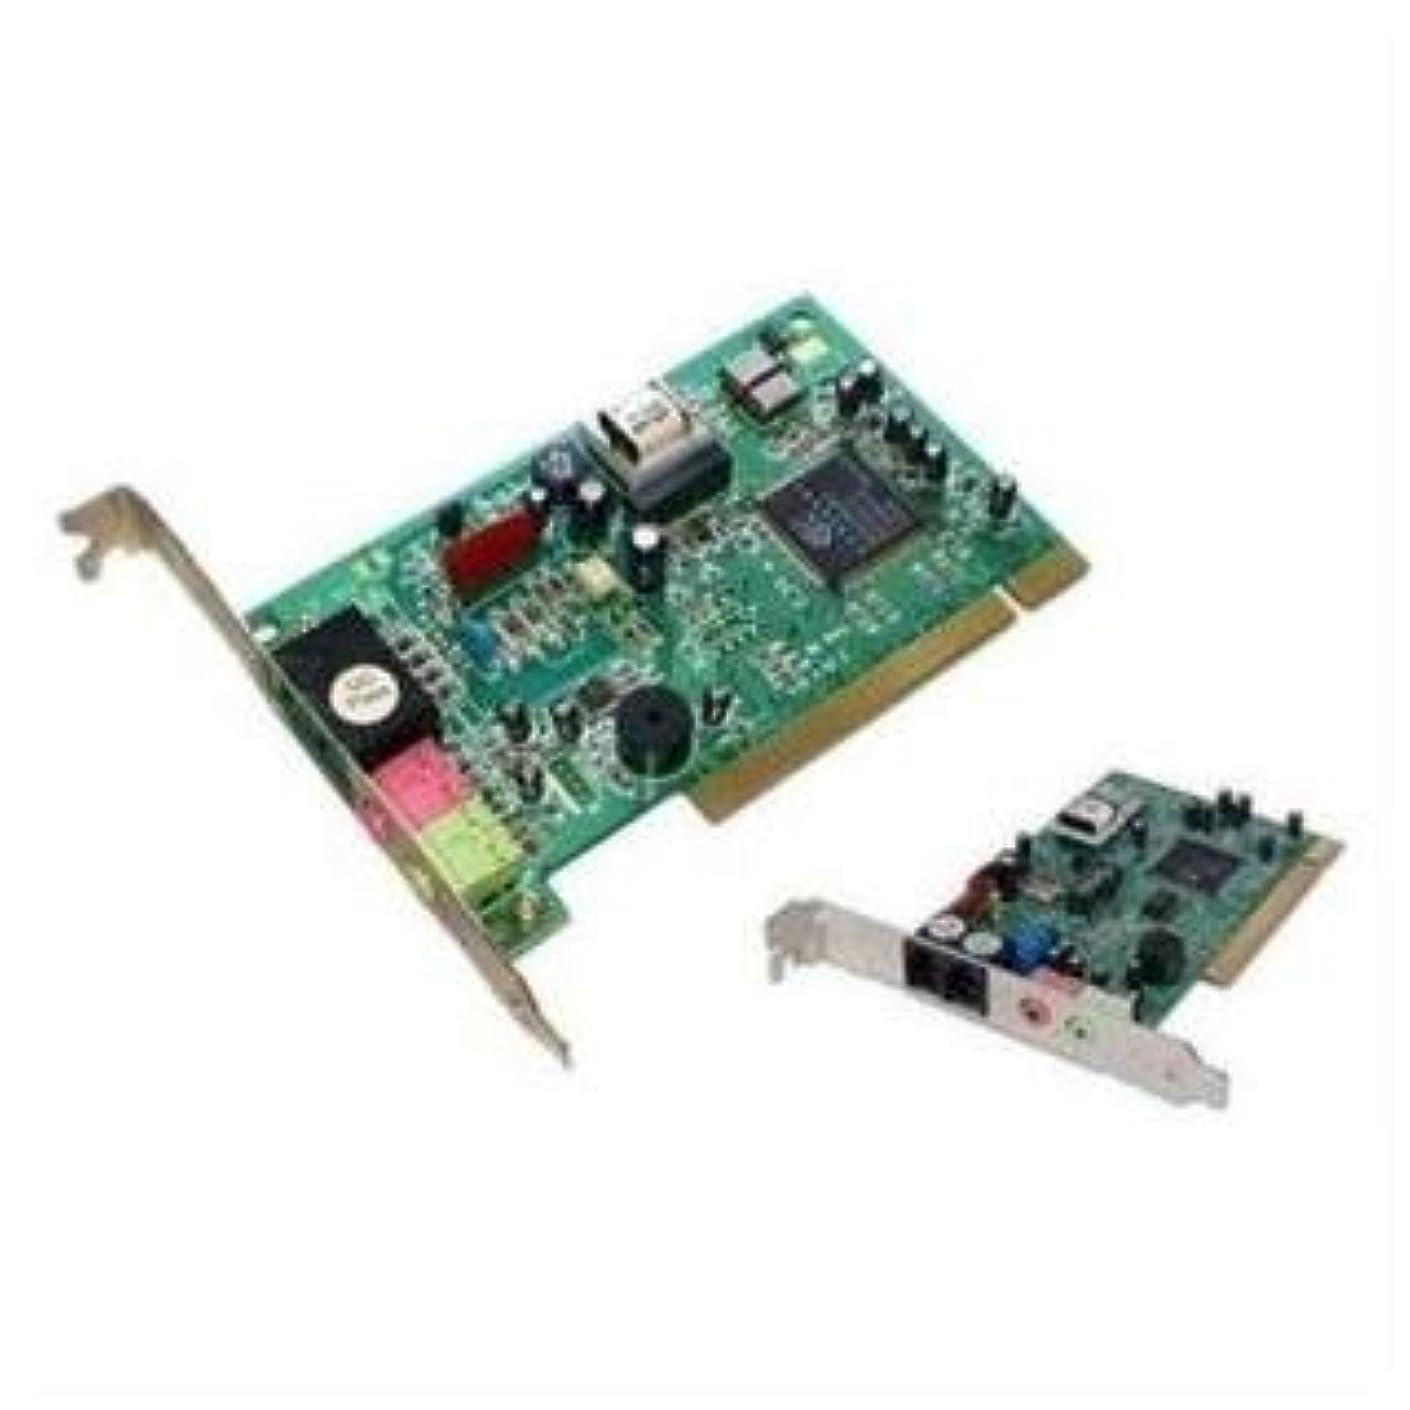 5182-8808 - HP 5182-8808 INTERNAL 56K DATA/FAX/VOICE MODEM